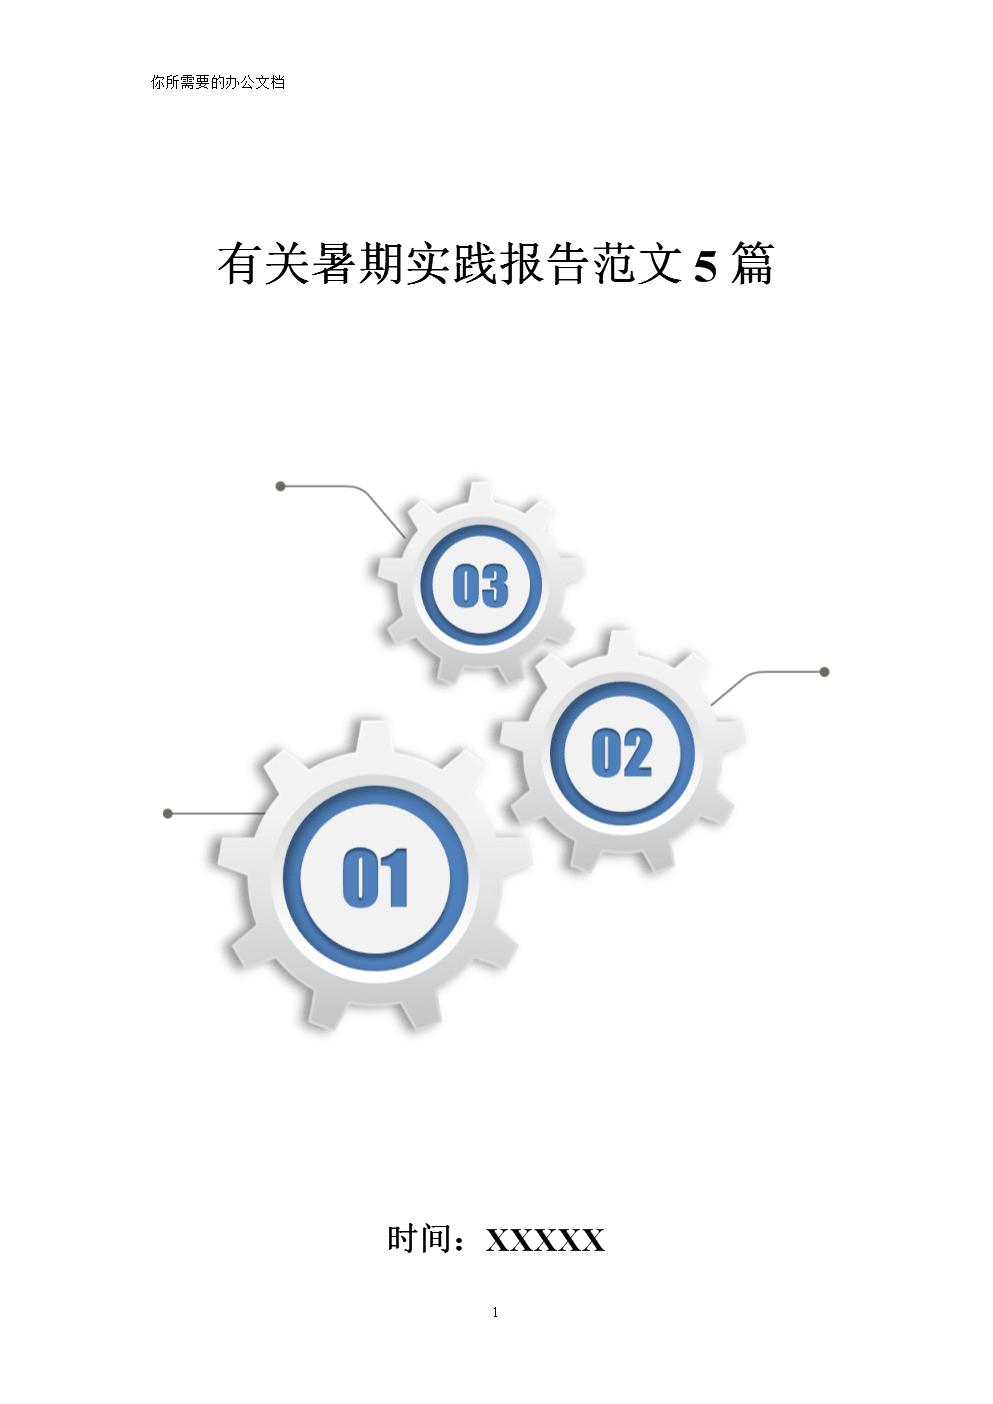 有关暑期实践报告范文5篇精编.doc